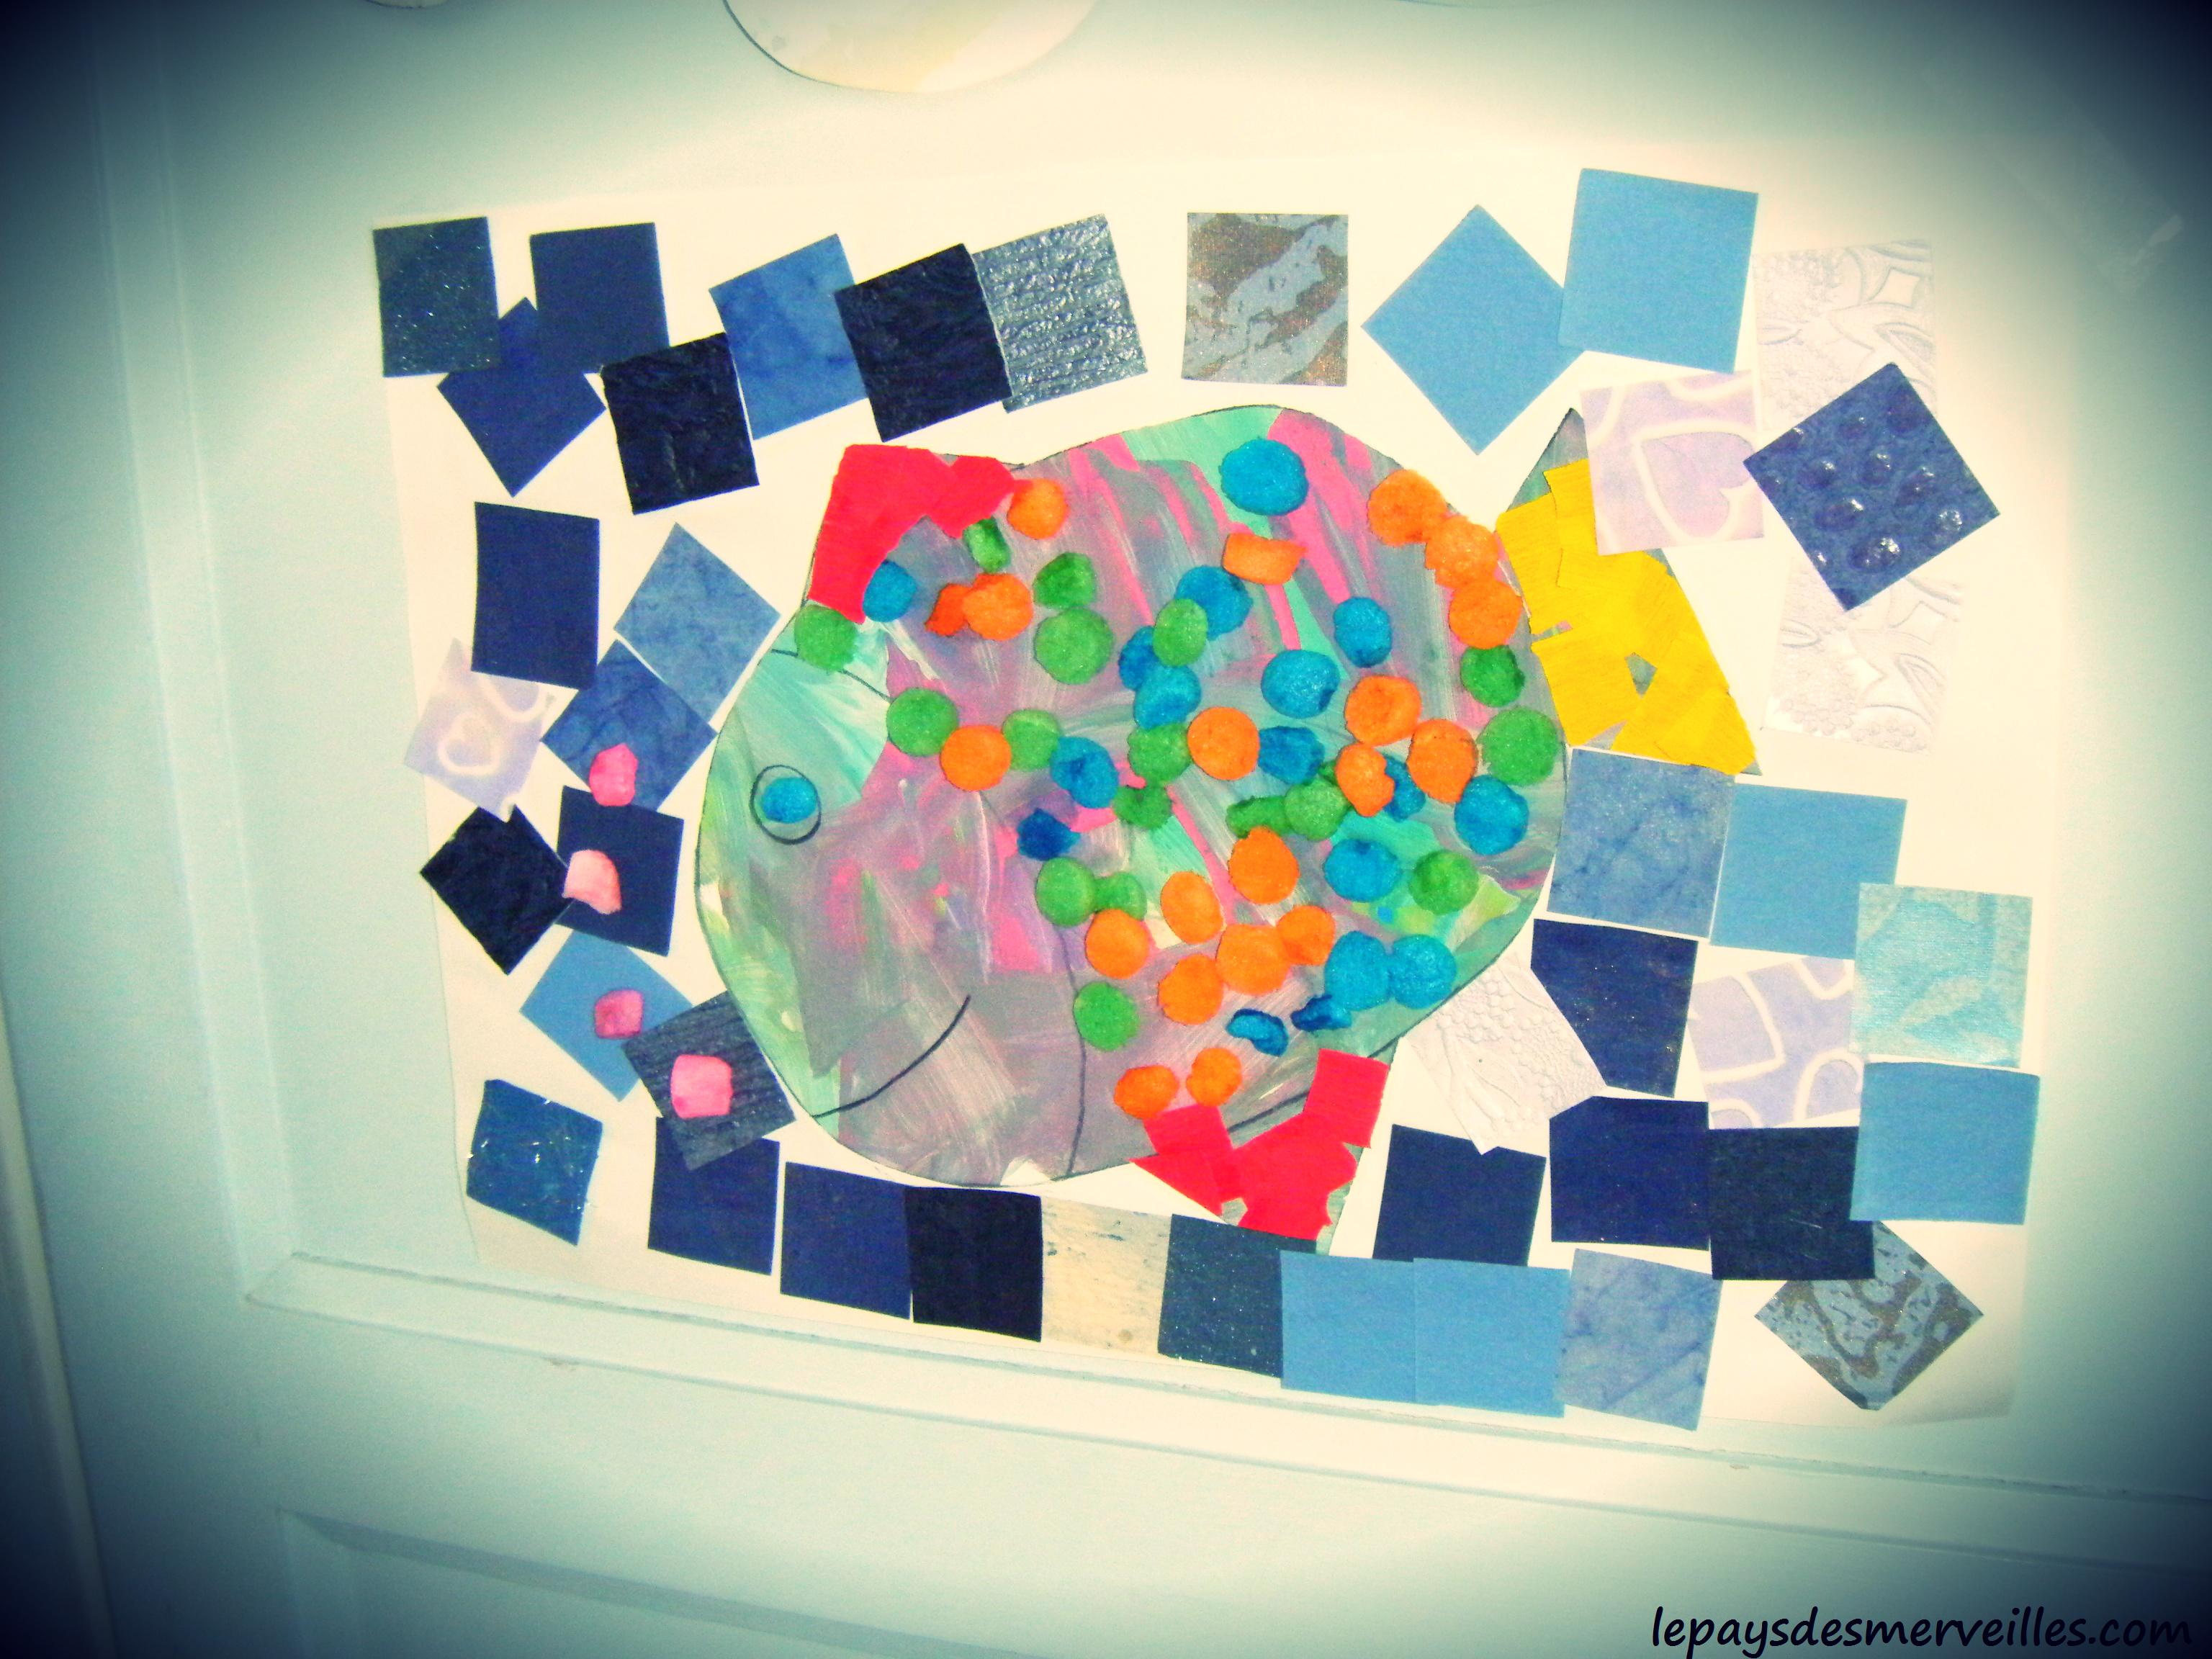 Poisson d 39 avril peinture collage playmais le pays des merveilles - Poisson avril maternelle ...